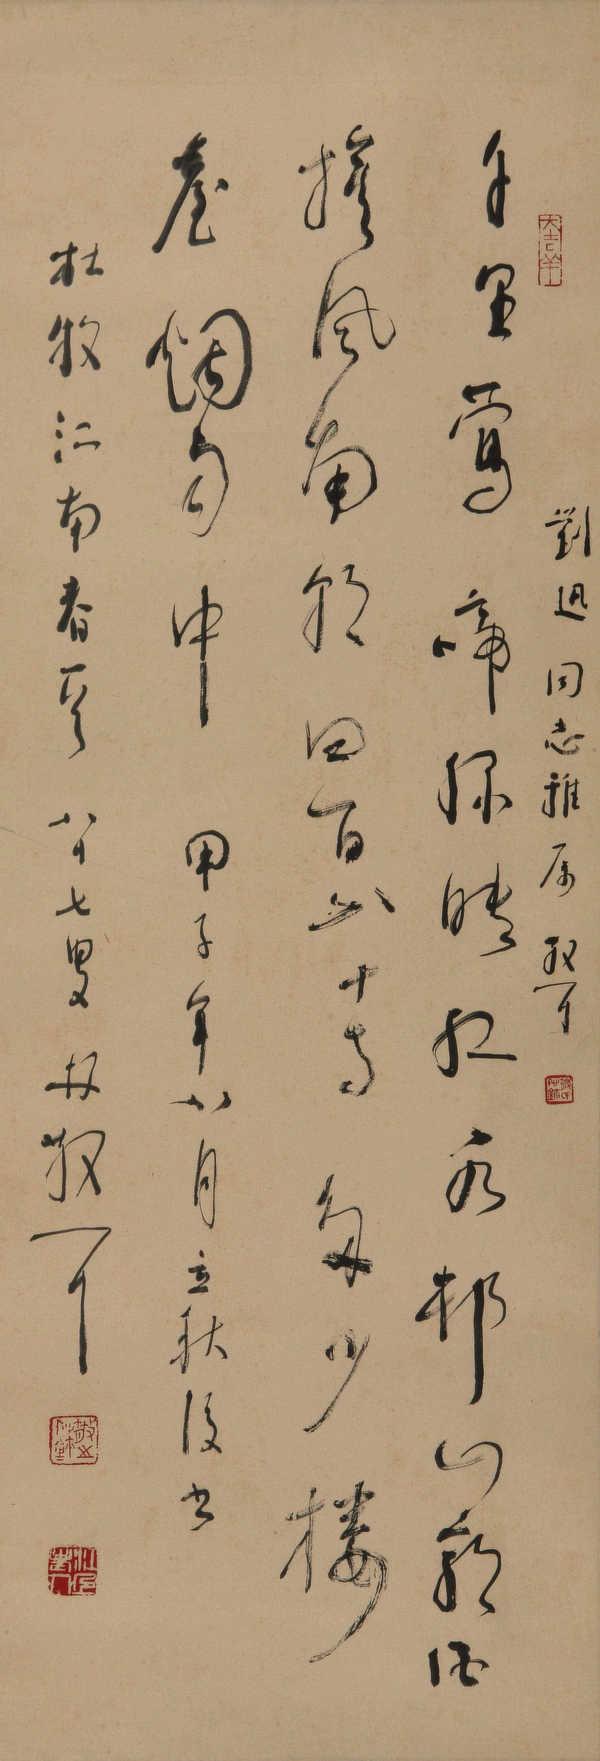 林散之 杜牧绝句《江南春》 95cm×34cm 中国美术馆藏2